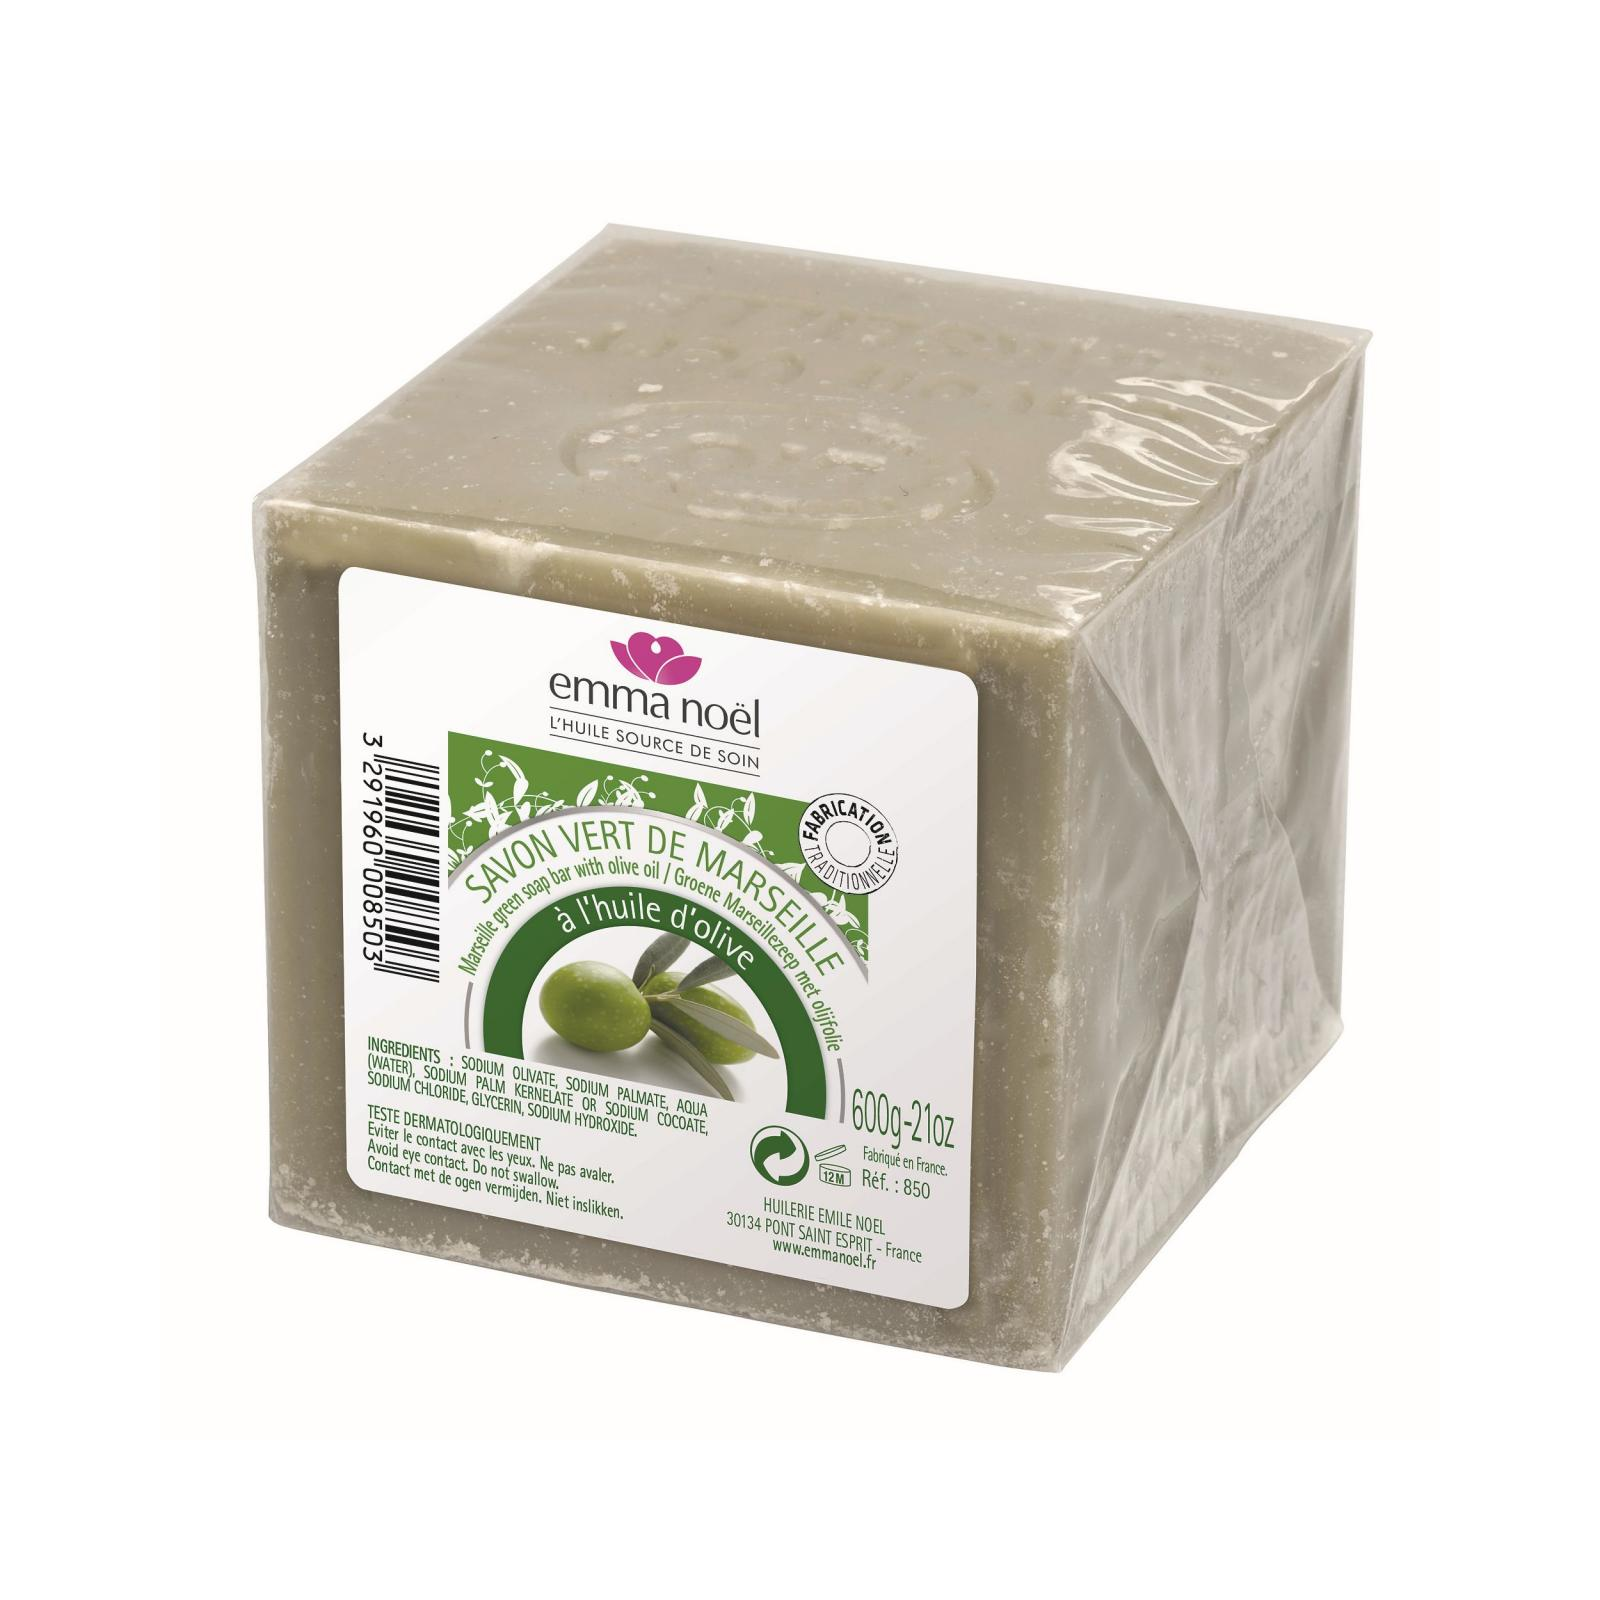 Emma Noel Mýdlo marseillské, zelené 600 g